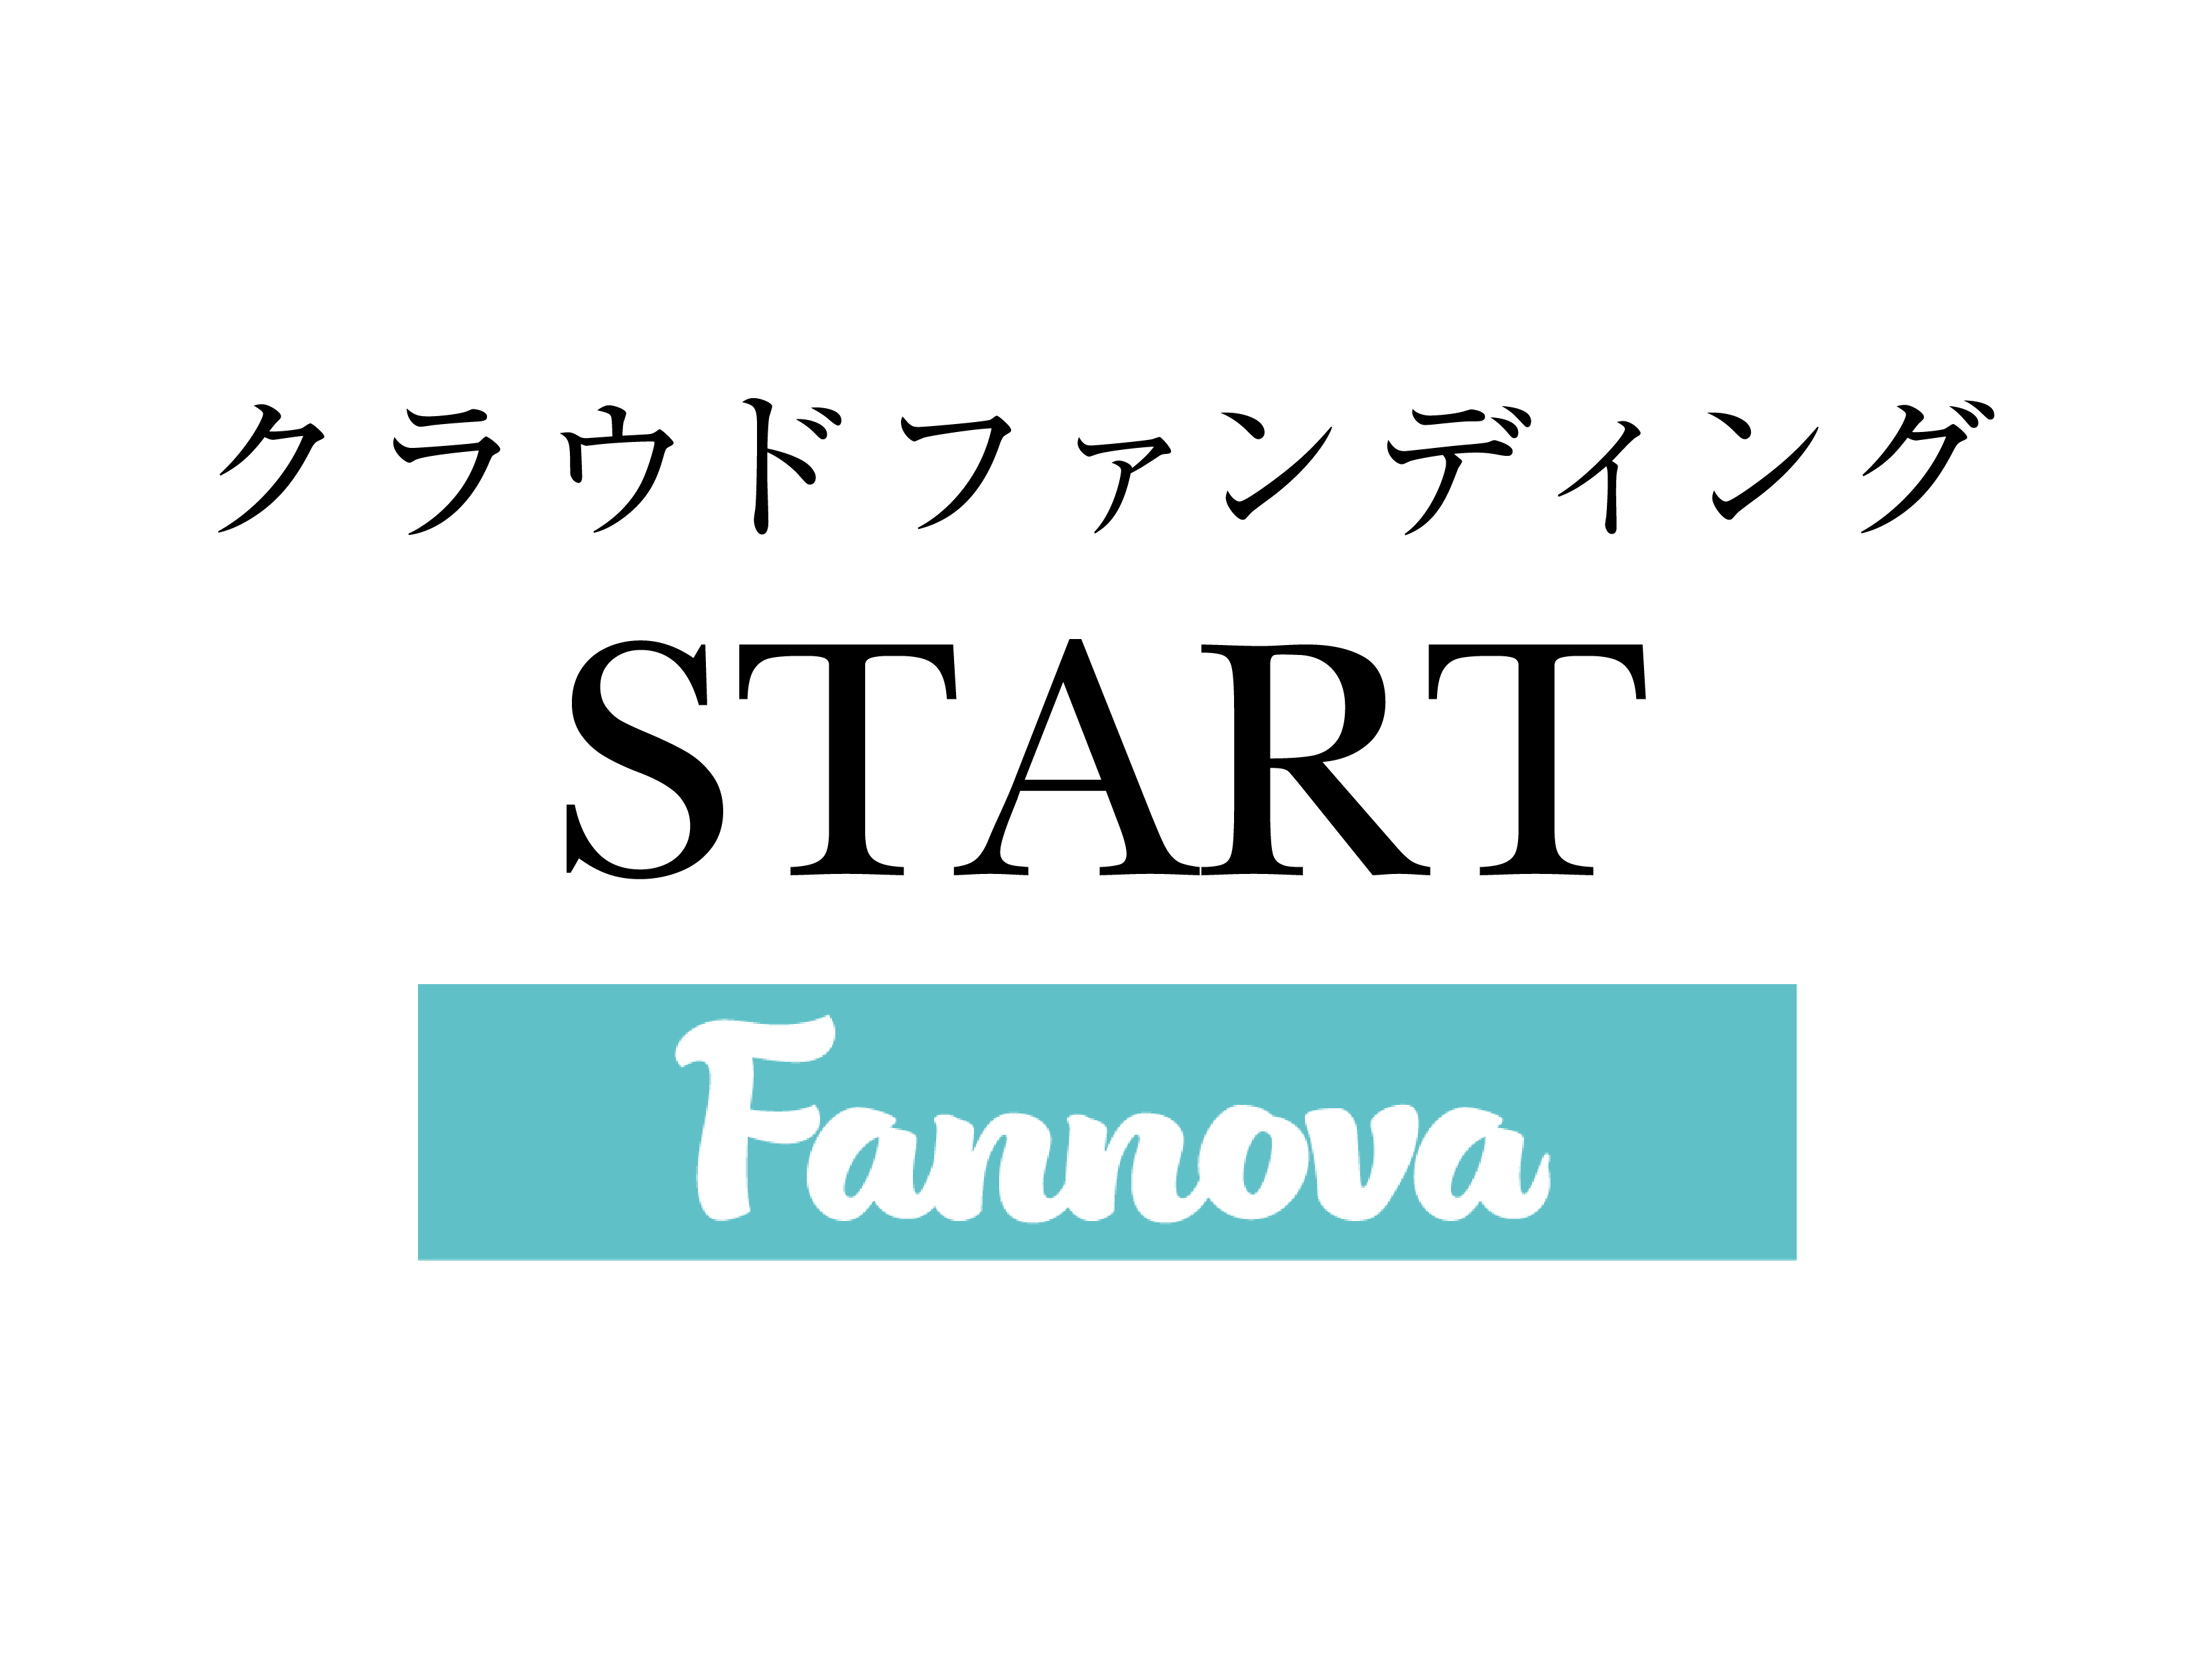 本日、Fannovaでcomelのクラウドファンディングがスタートしました!!